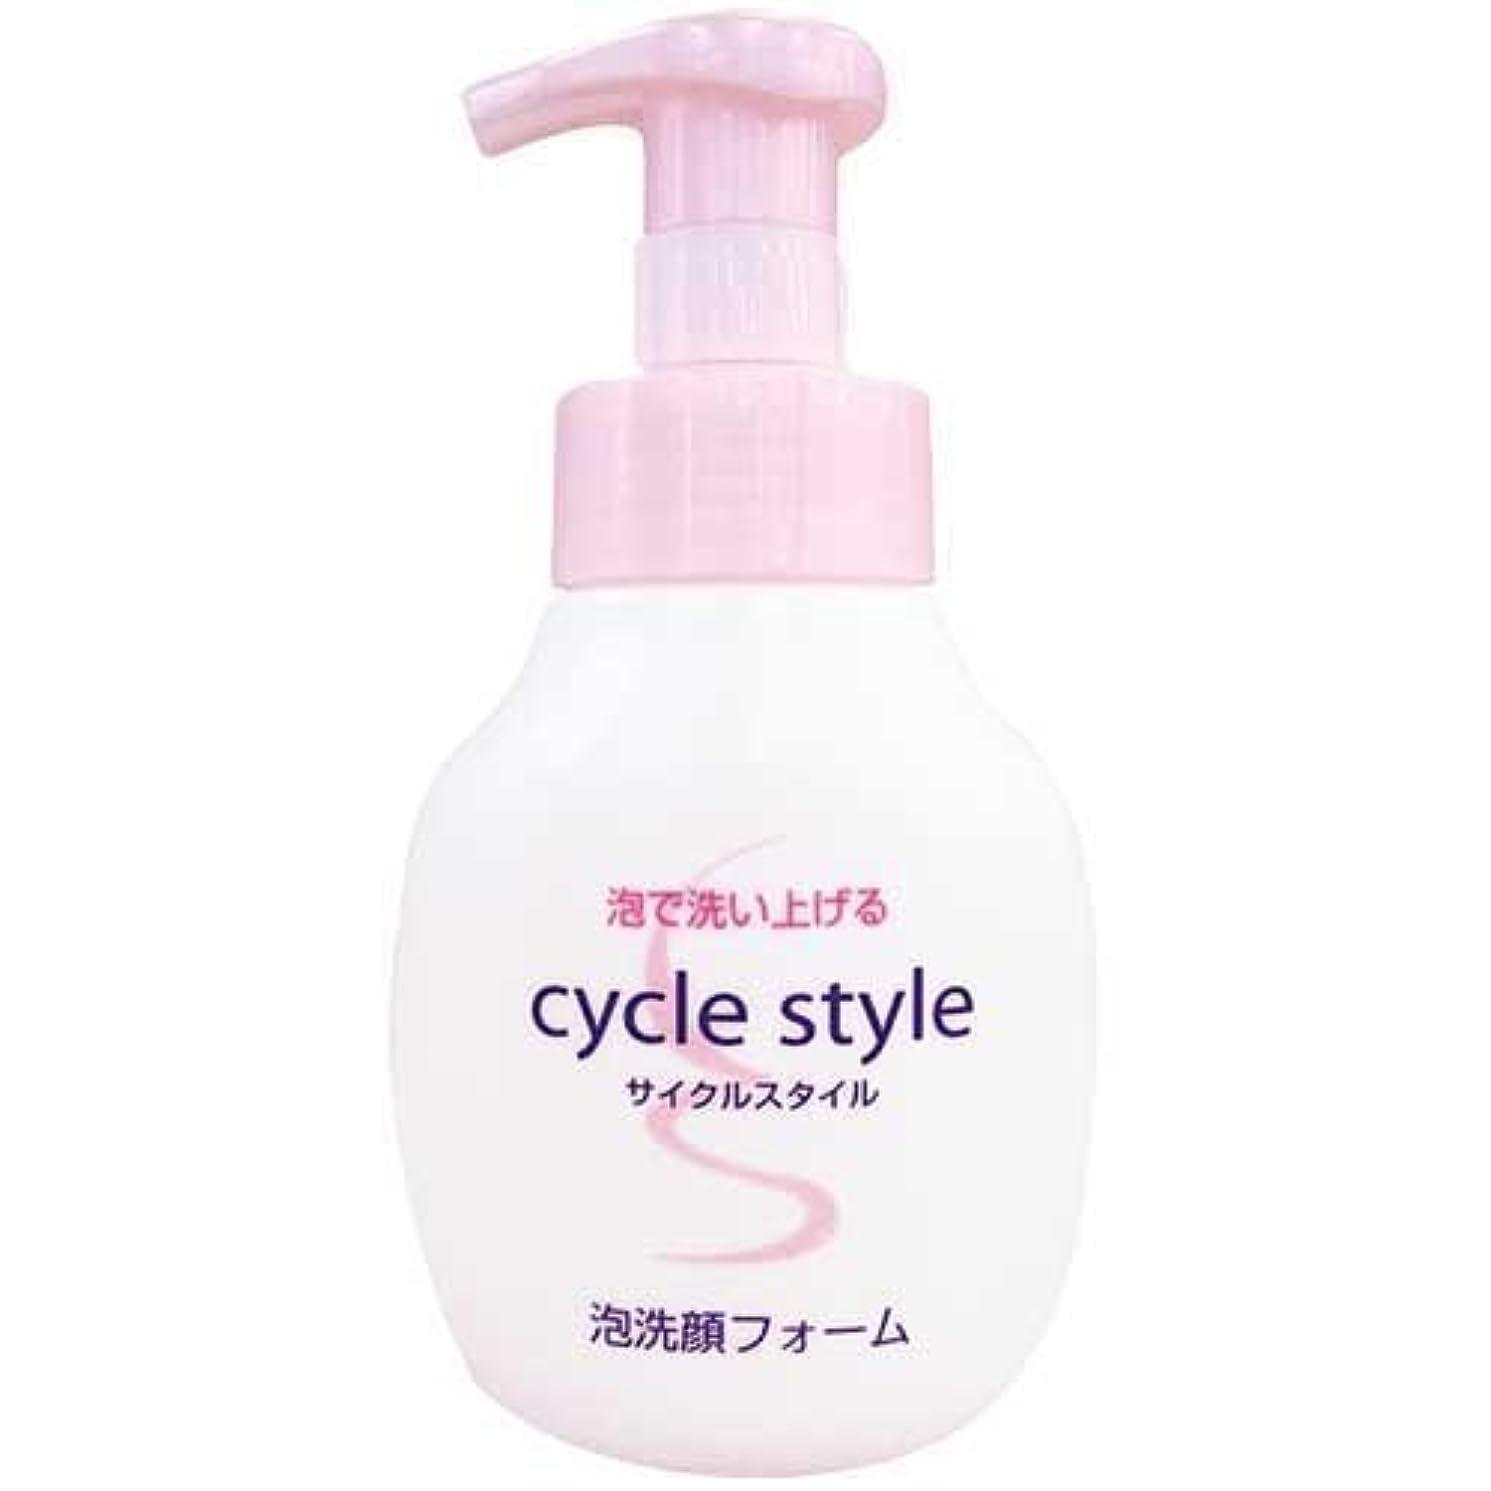 再生可能現在恒久的サイクルスタイル 泡洗顔フォーム 本体 250ml 【まとめ買い120個セット】